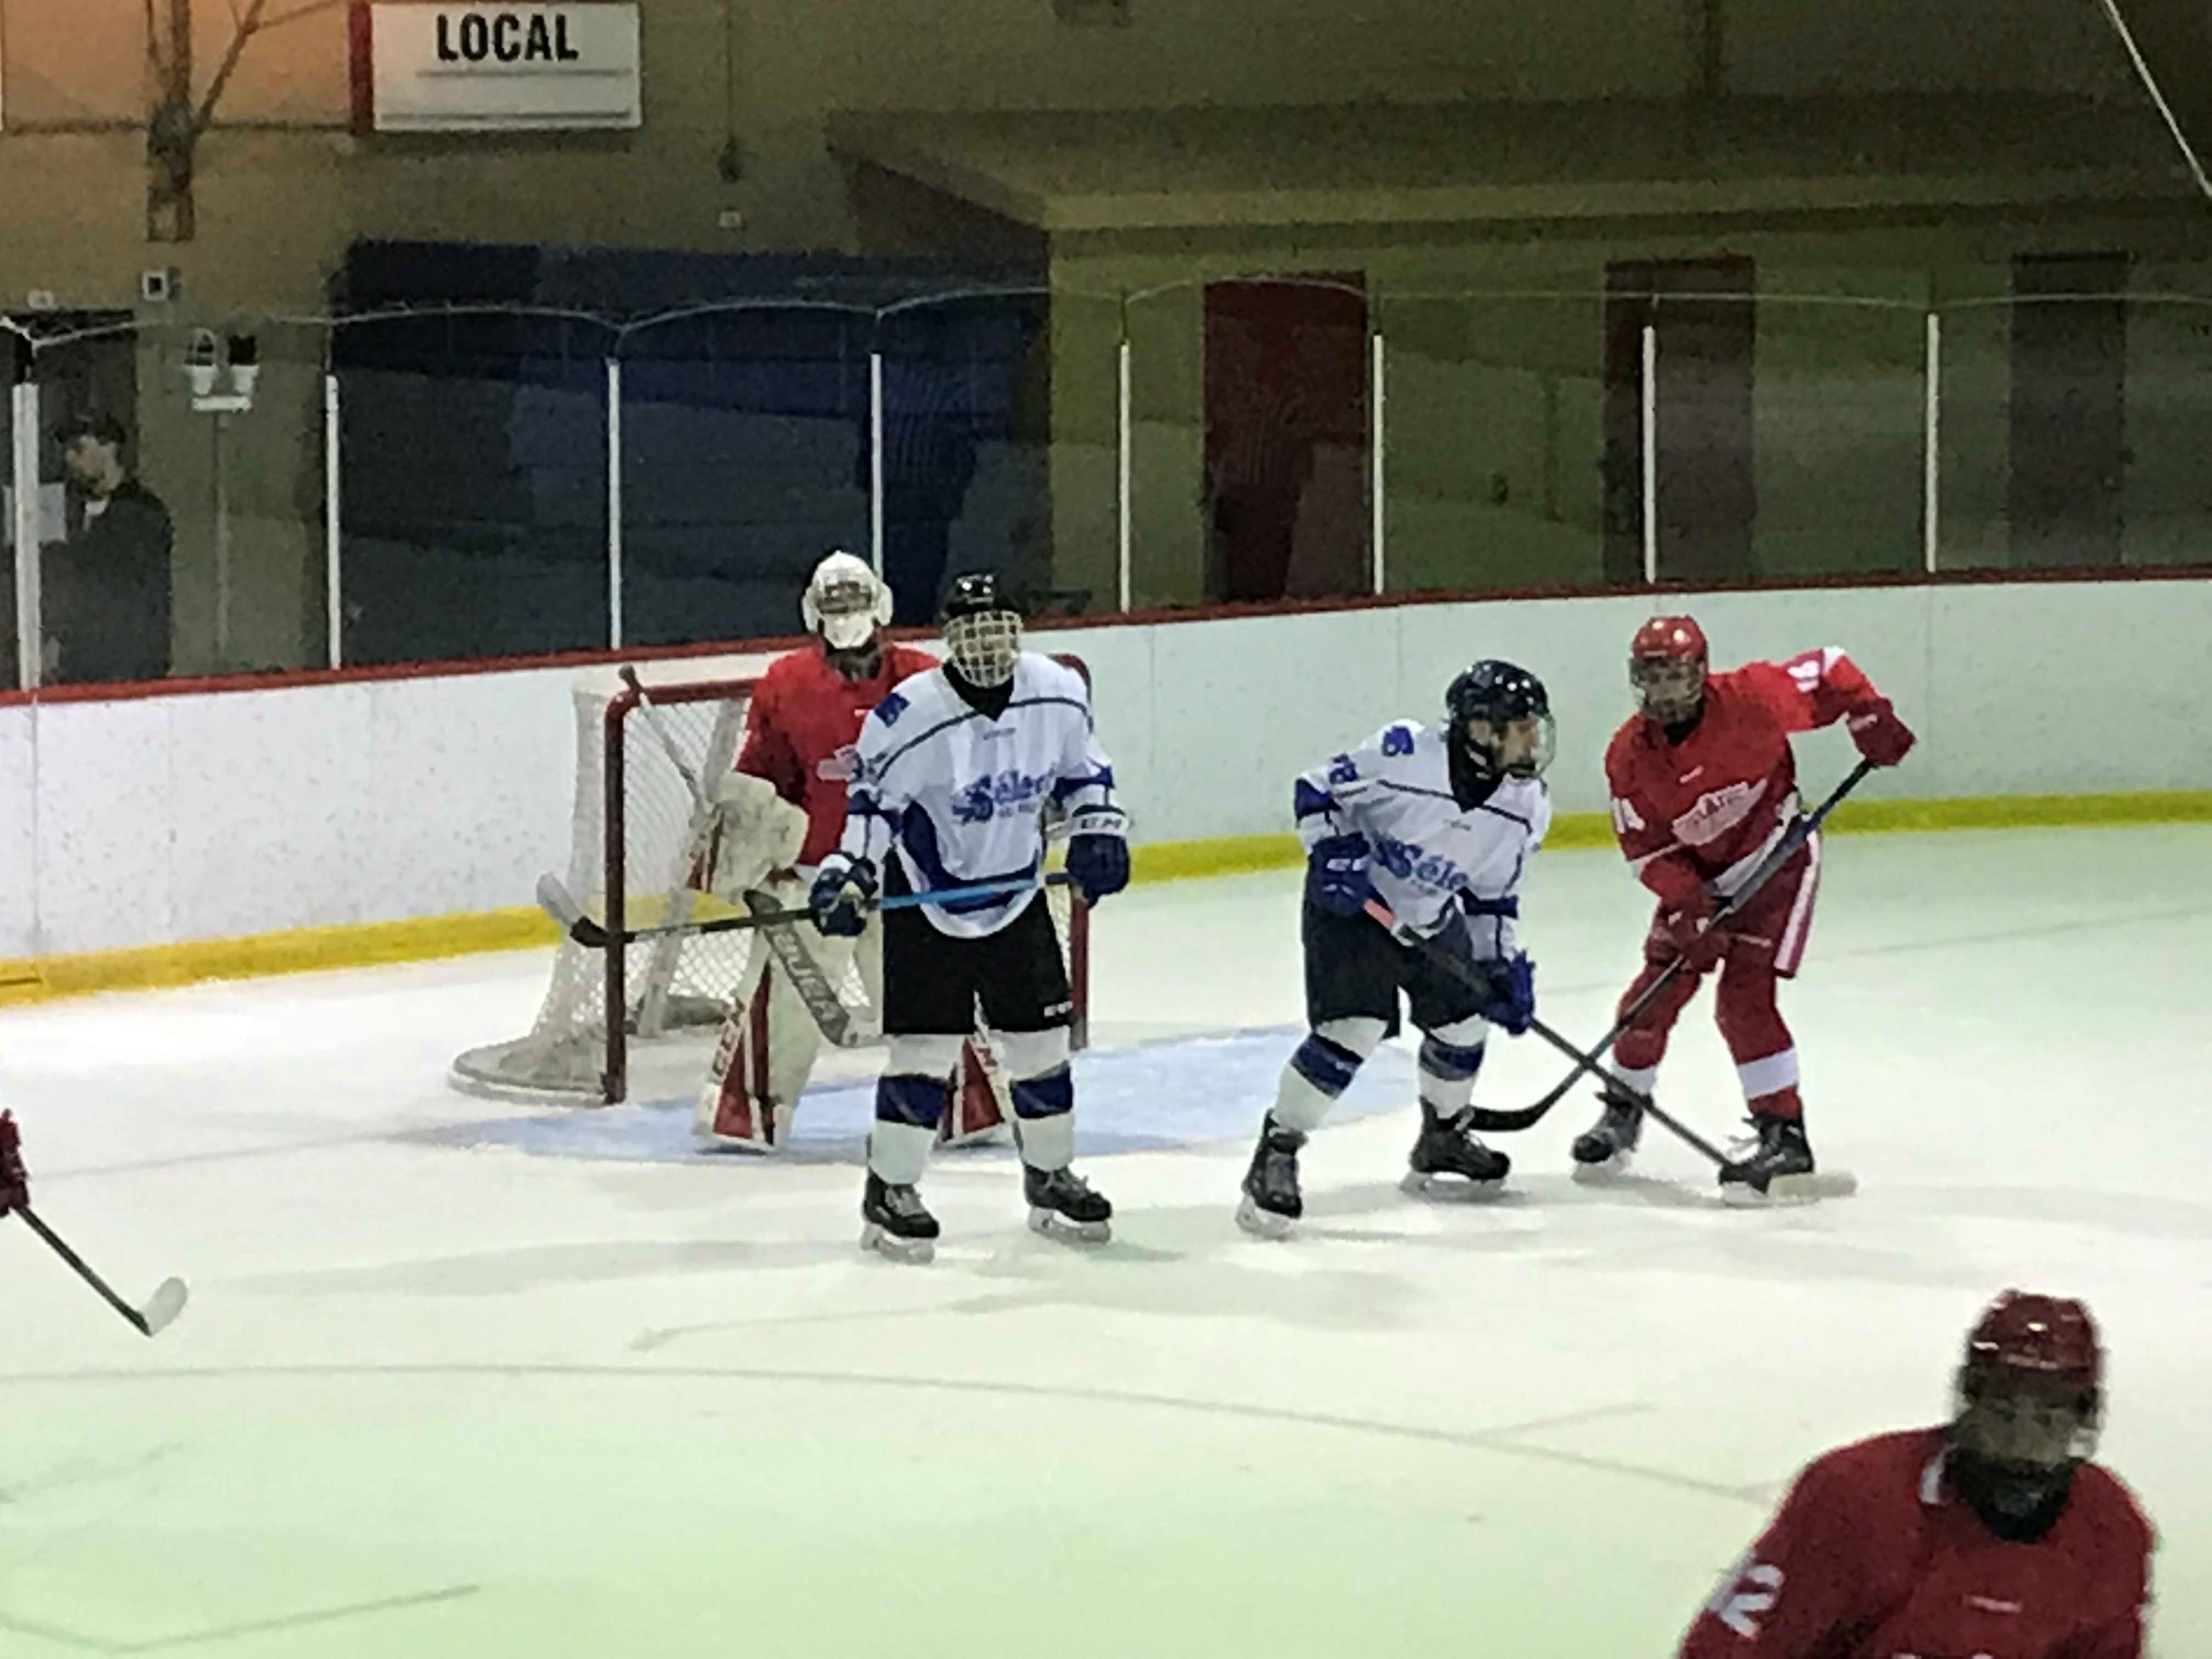 Sélect hockey